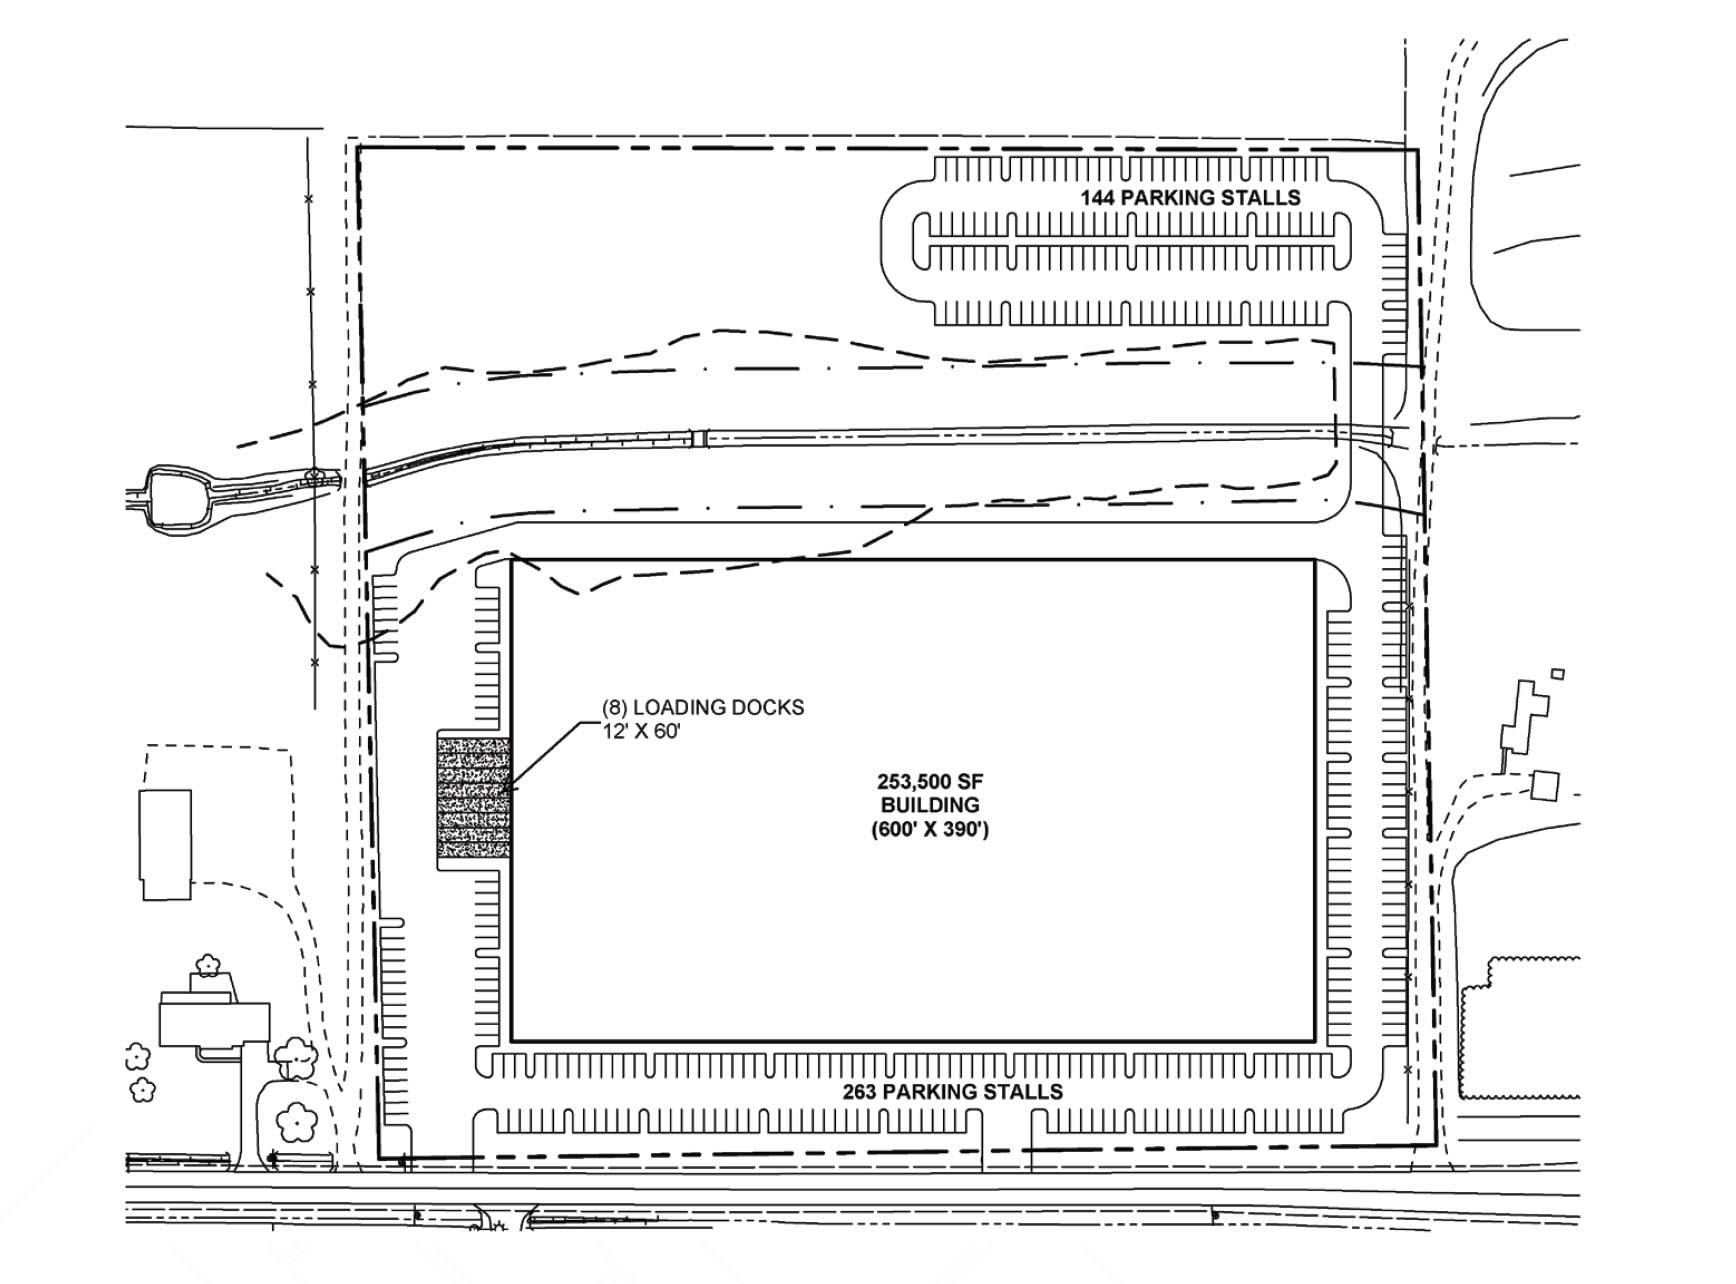 Patchett Hillsboro development site plan